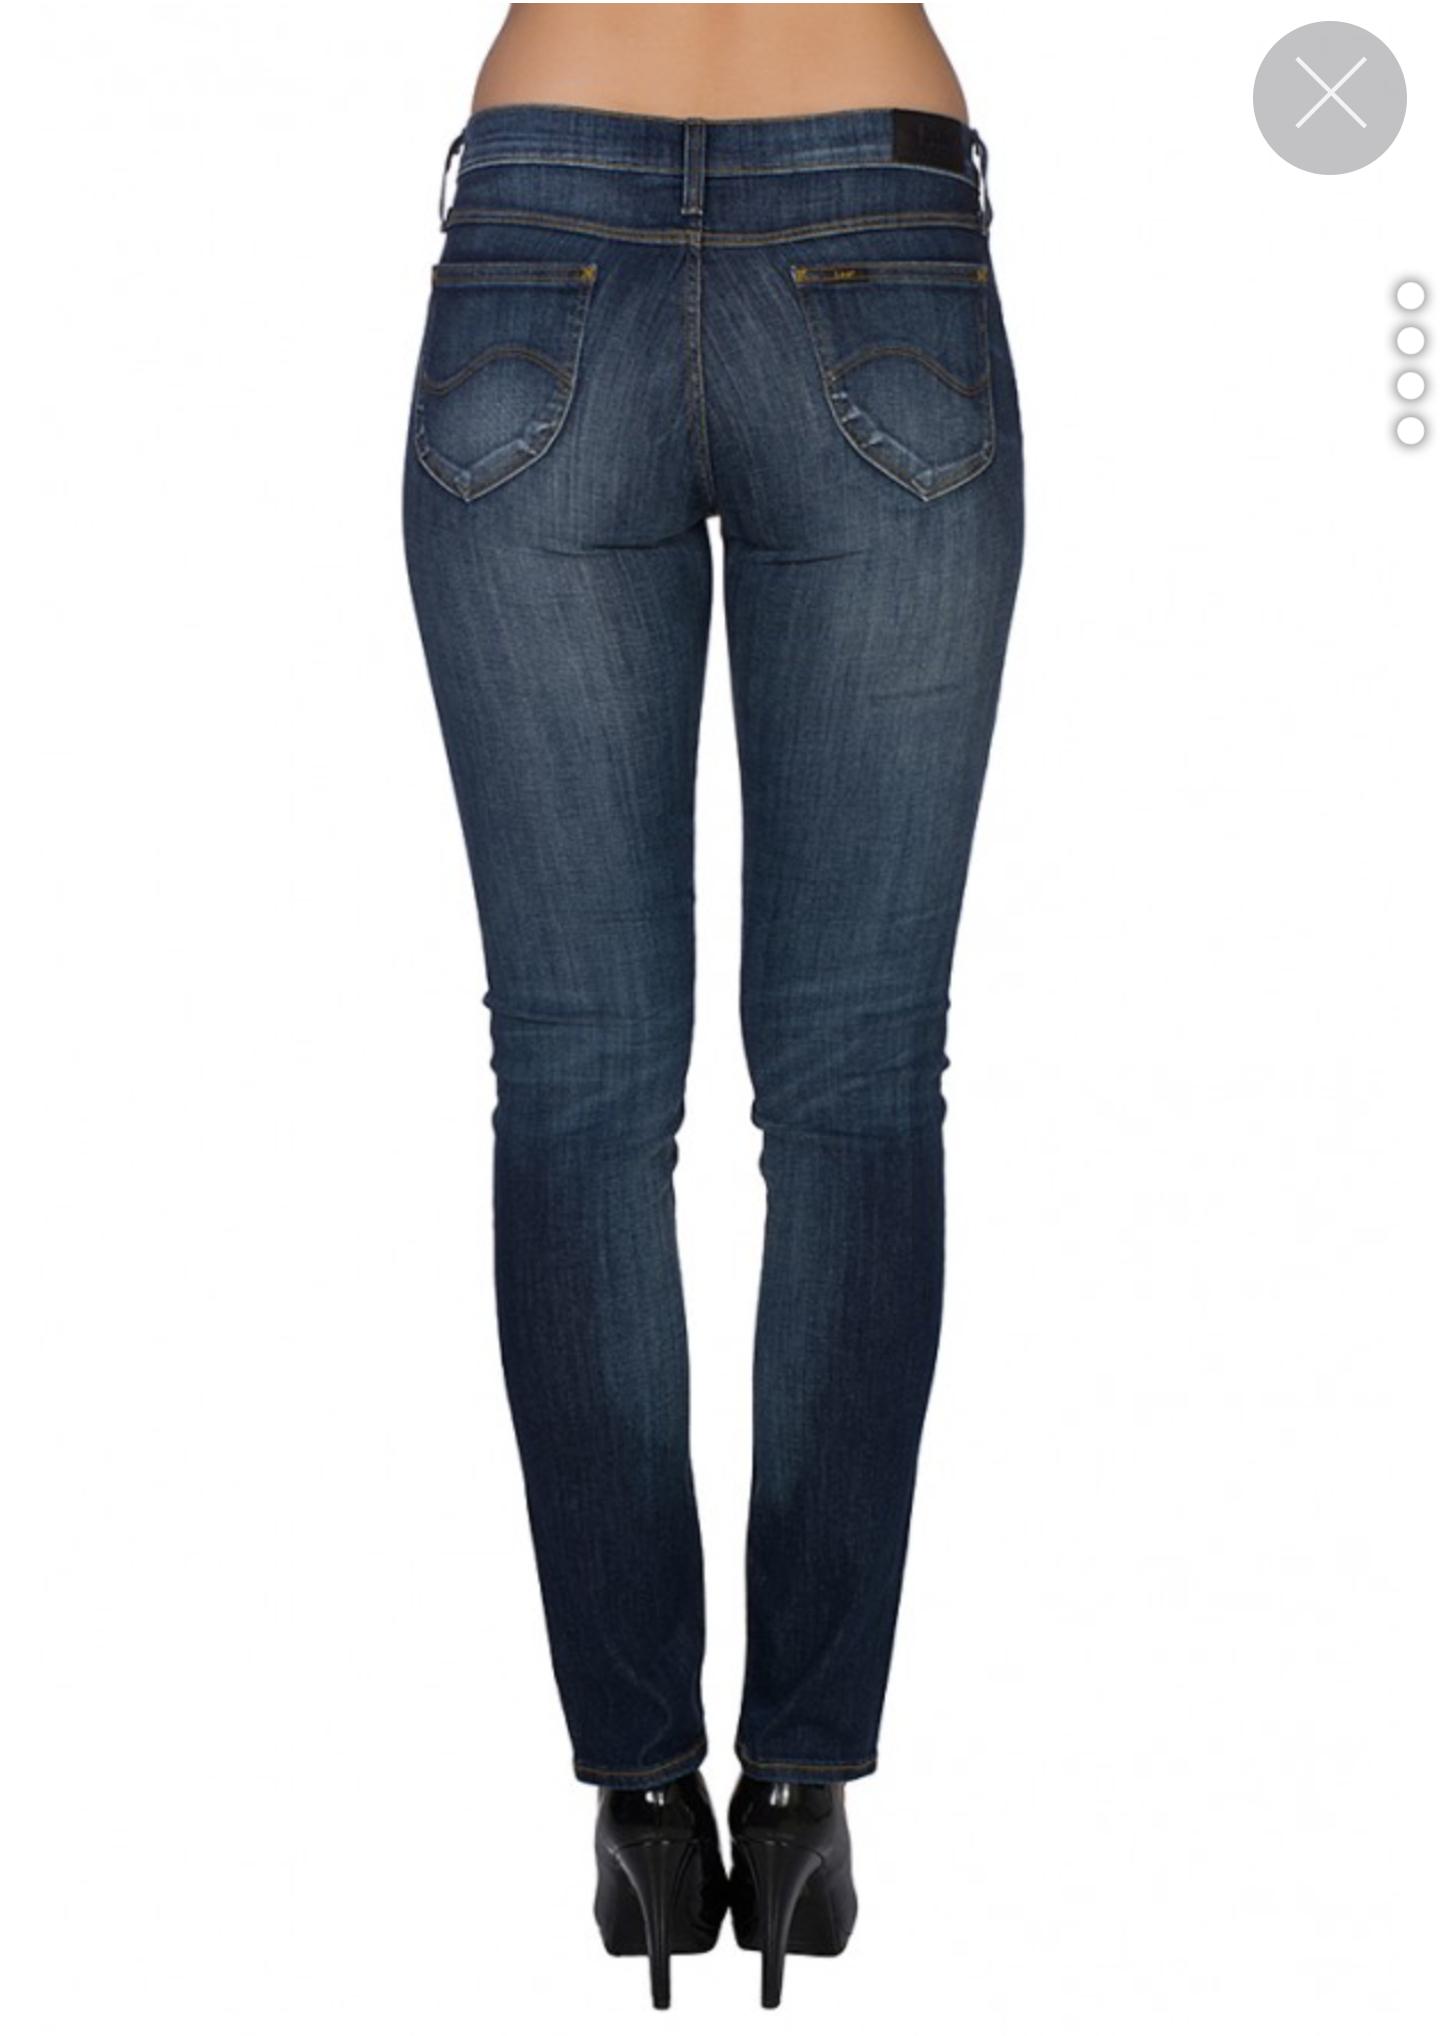 [Outlet46] Lee Jeans Damen  für 7,99€ bis 19,99€ Gr. W22 bis W28. Keine VSK